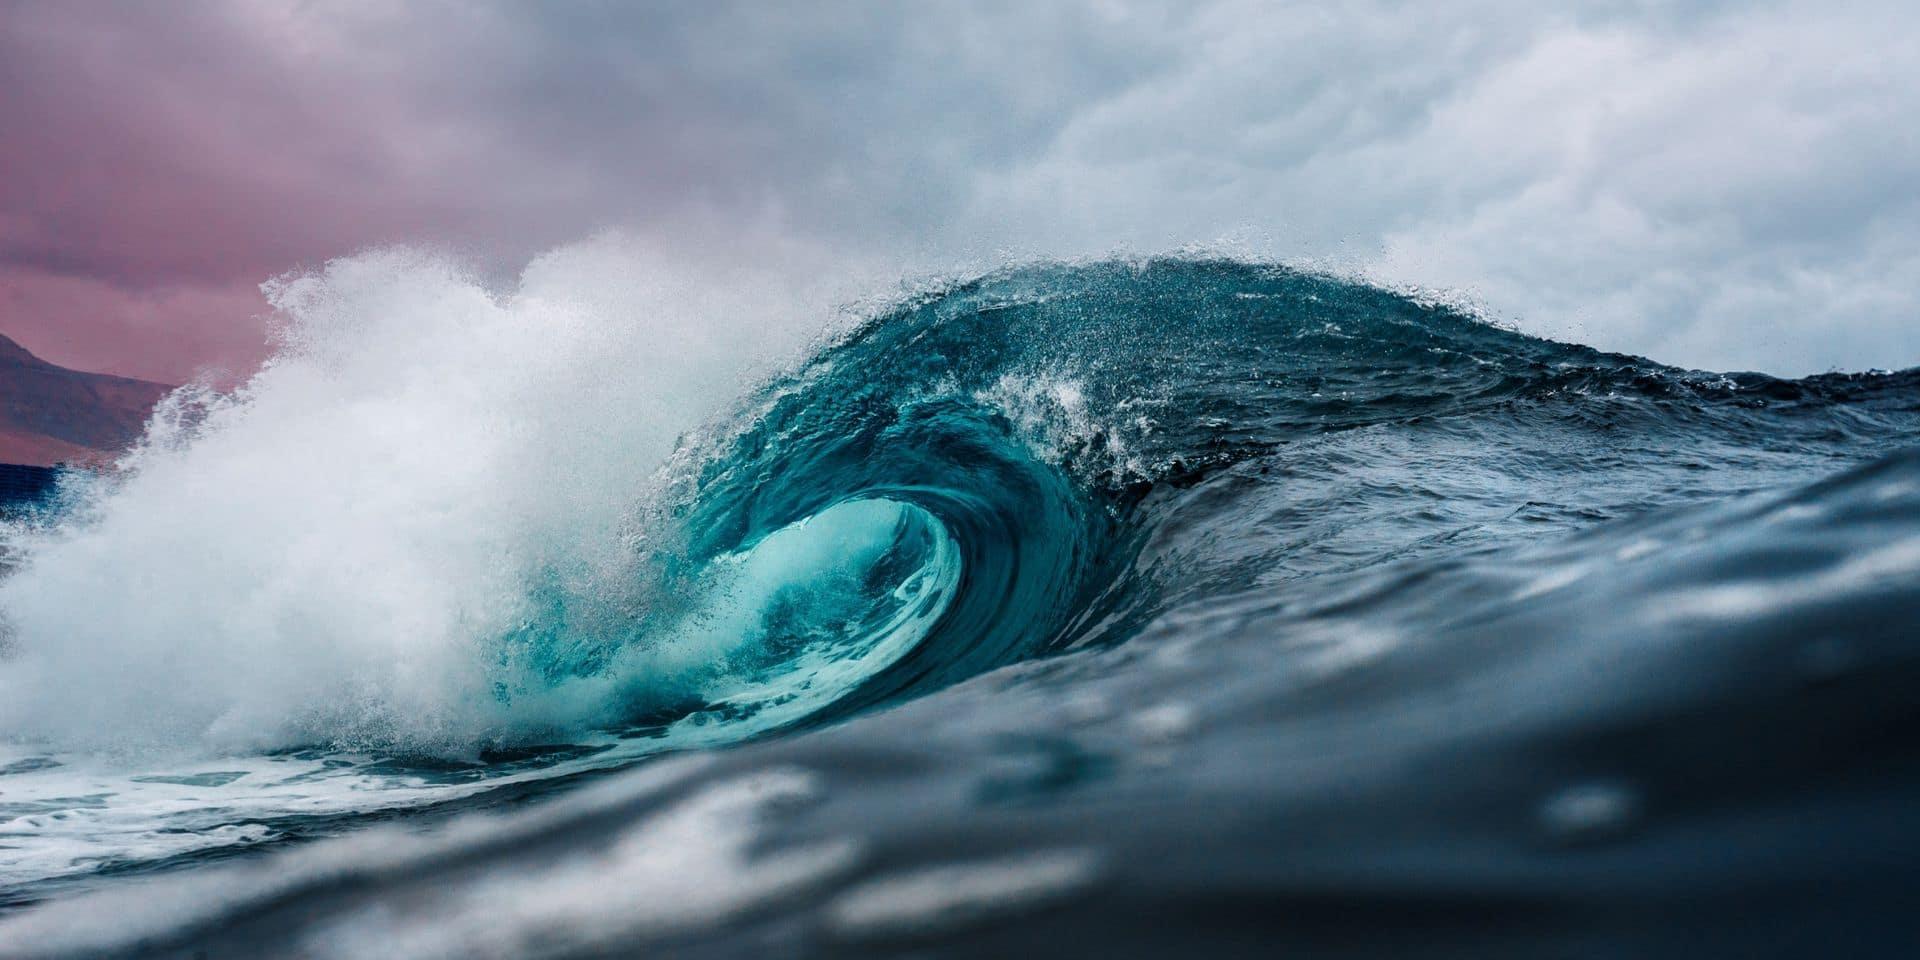 Un scénario catastrophe se dessine: les océans pourraient monter plus vite et plus haut que prévu